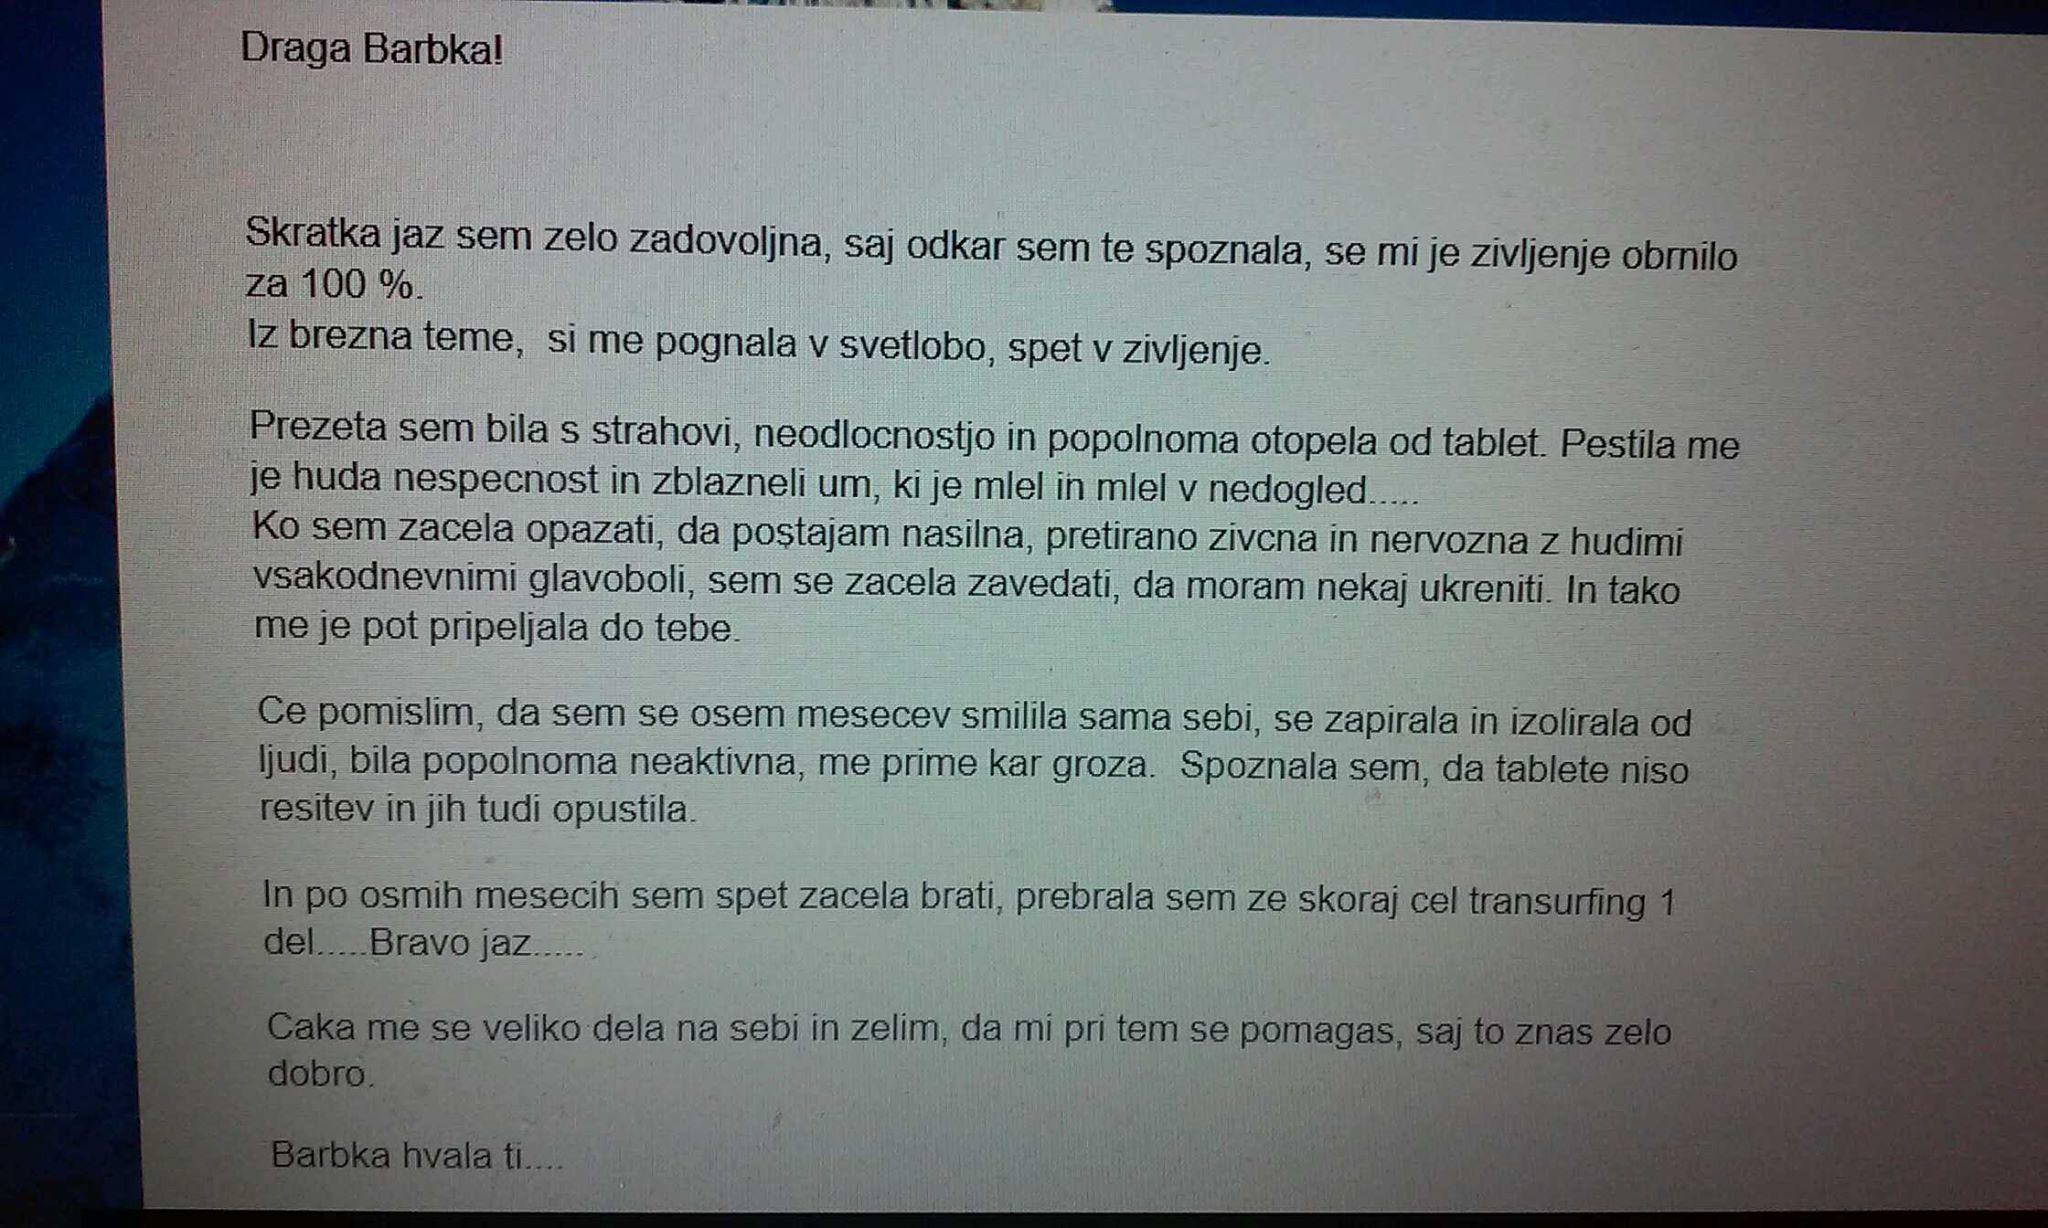 Draga Barbka!